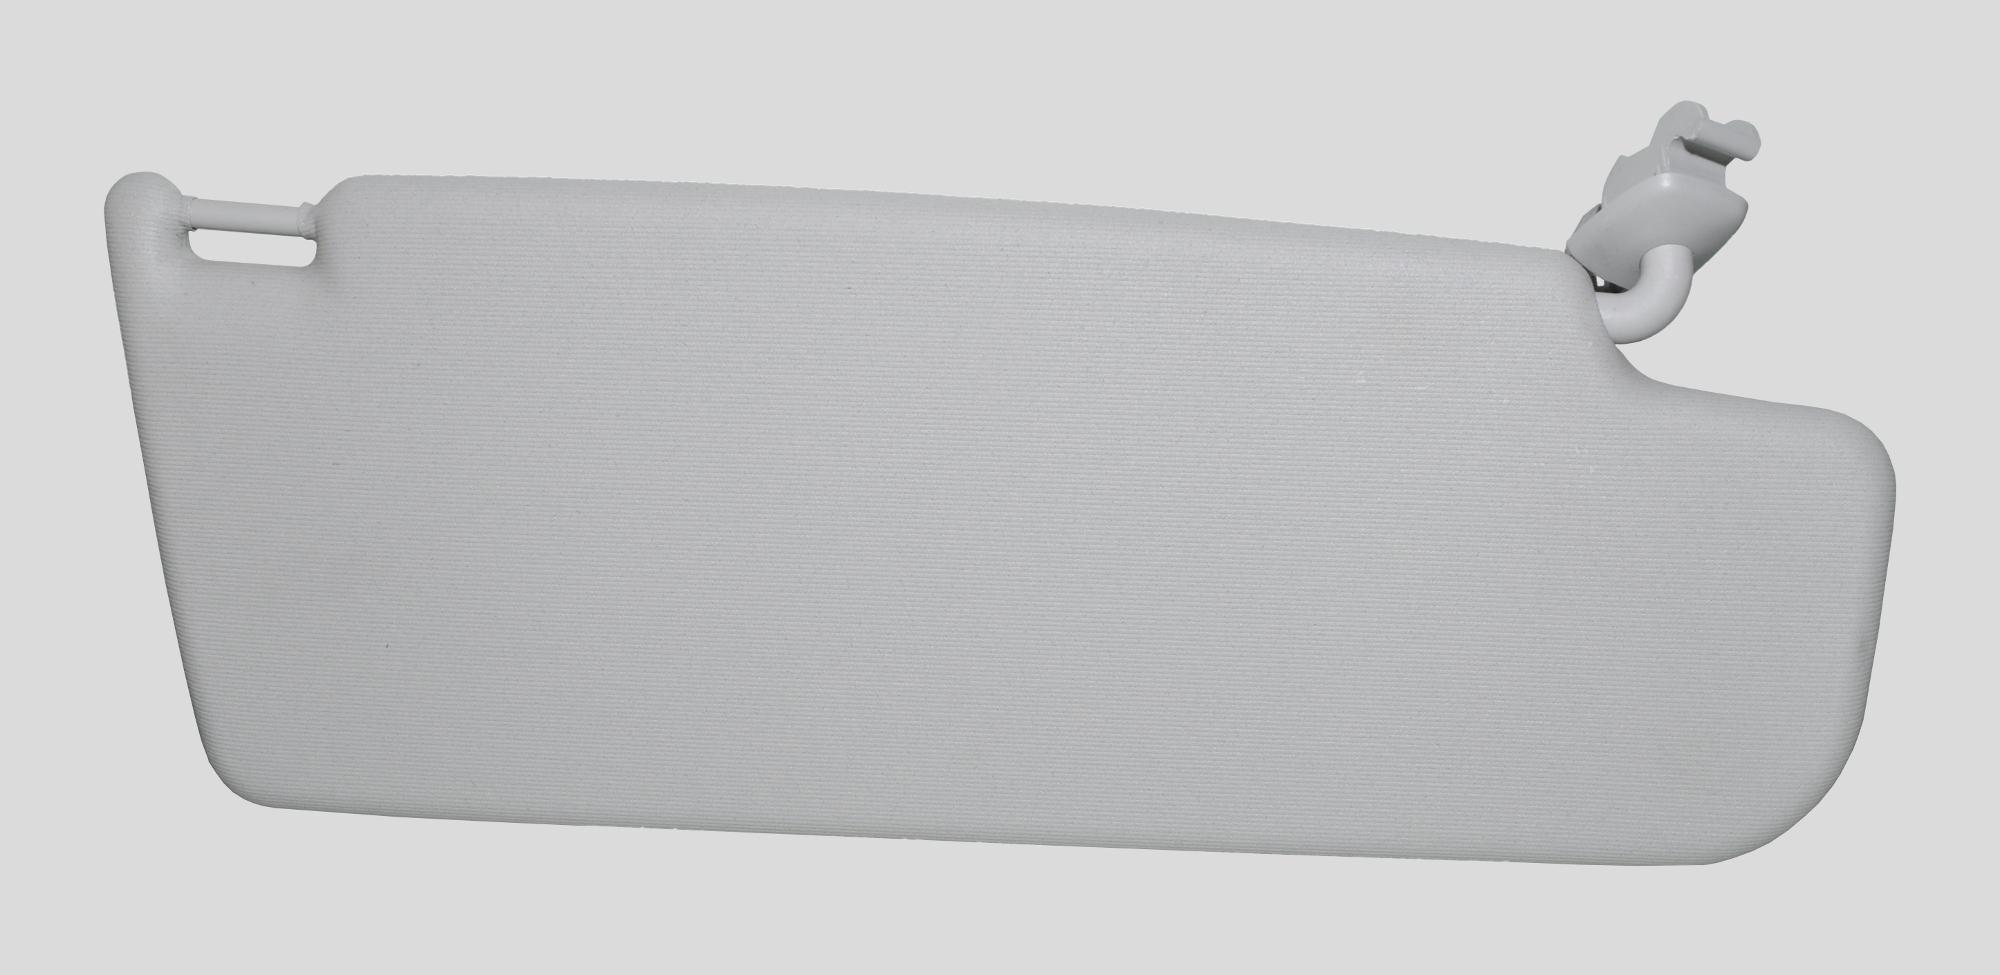 Skoda Citigo Orig. Sonnenblende ohne Spiegel vorne rechts perlgrau 6RG857552C